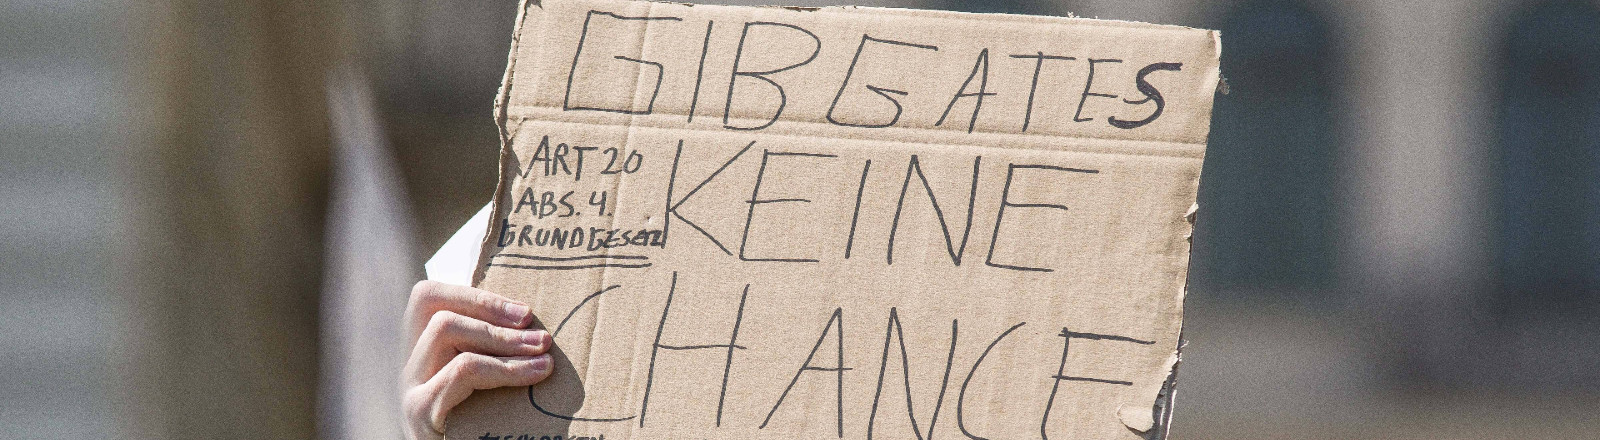 """Ein Demonstrant mit einem Plakat bei einer Hygiene-Demo mit der Aufschrift """"Gib Gates keine Chance"""""""